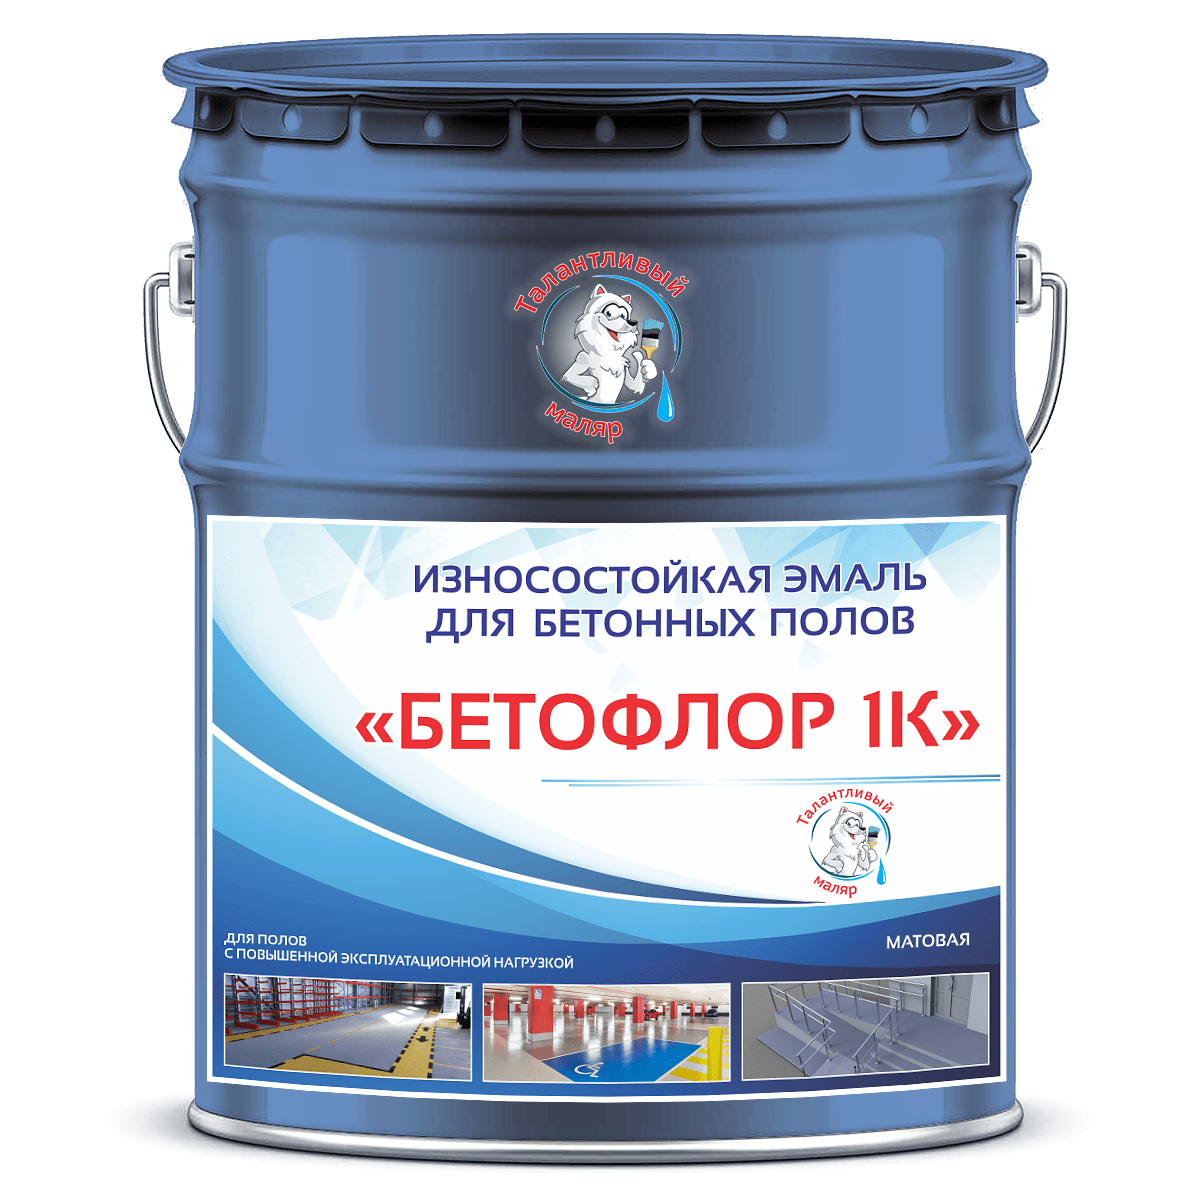 """Фото 19 - BF5007 Эмаль для бетонных полов """"Бетофлор"""" 1К цвет RAL 5007 Бриллиантово-синий, матовая износостойкая, 25 кг """"Талантливый Маляр""""."""